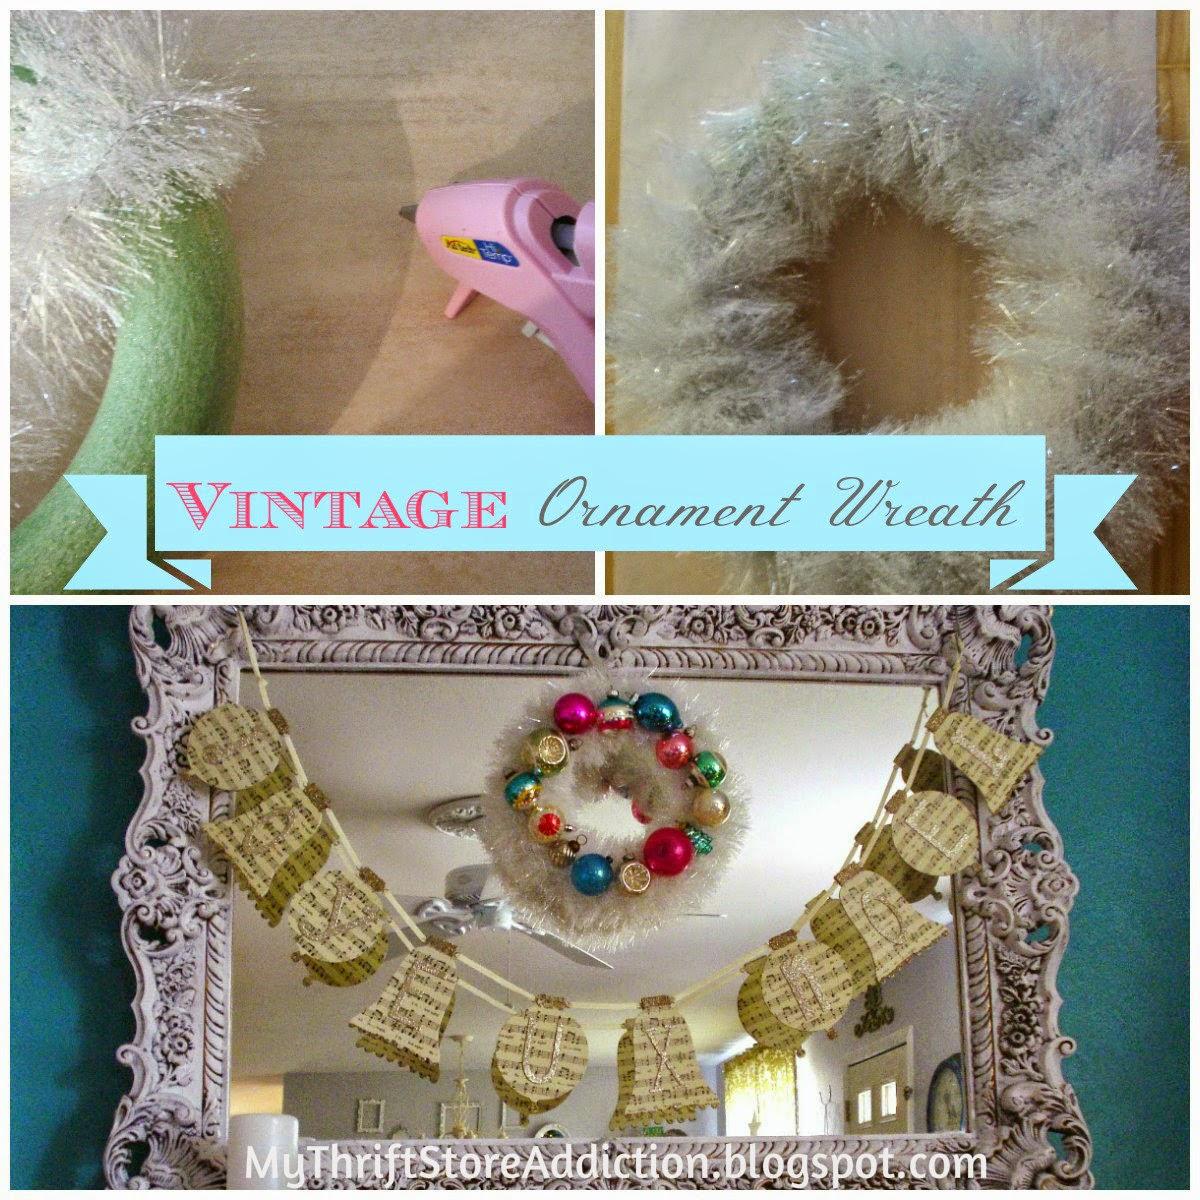 DIY vintage ornament wreath tutorial